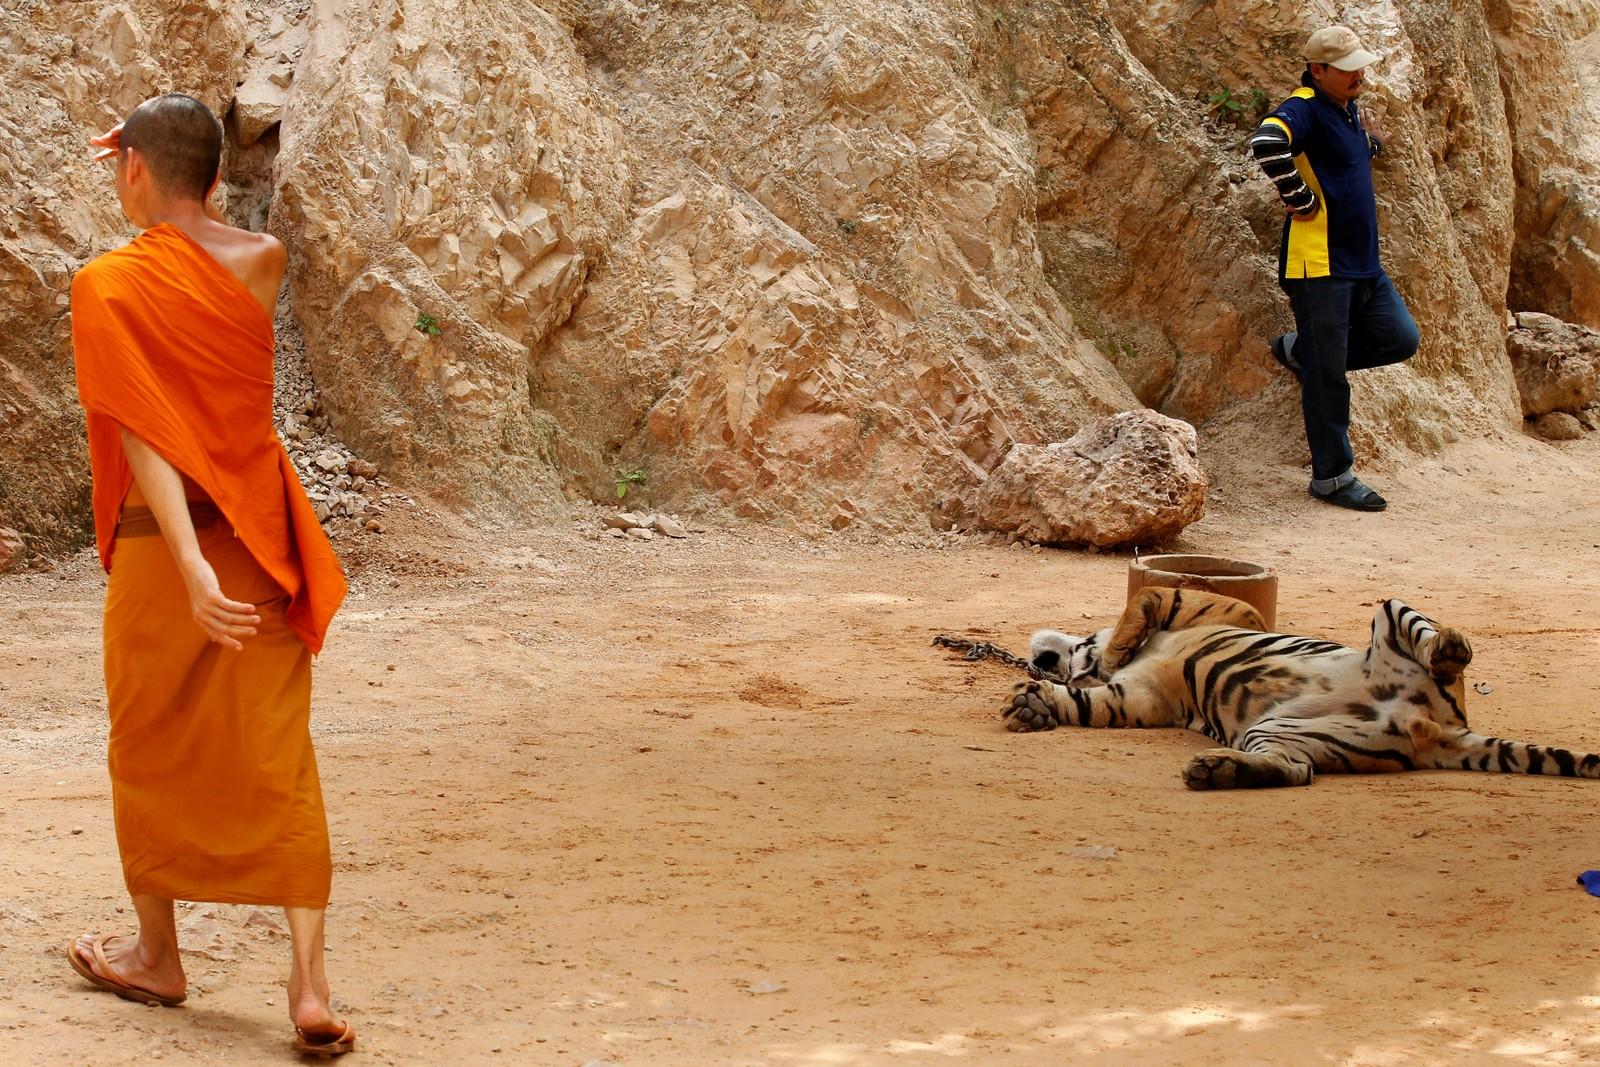 En buddhistisk munk går forbi en tiger før myndighetene begynner å flytte dem fra Thailands kontroversielle tigertempel, et populært turistmål som er kritisert de siste årene på grunn av dyras velferd. I Kanchanaburi-provinsen, vest for Bangkok, Thailand, 30. mai, 2016.